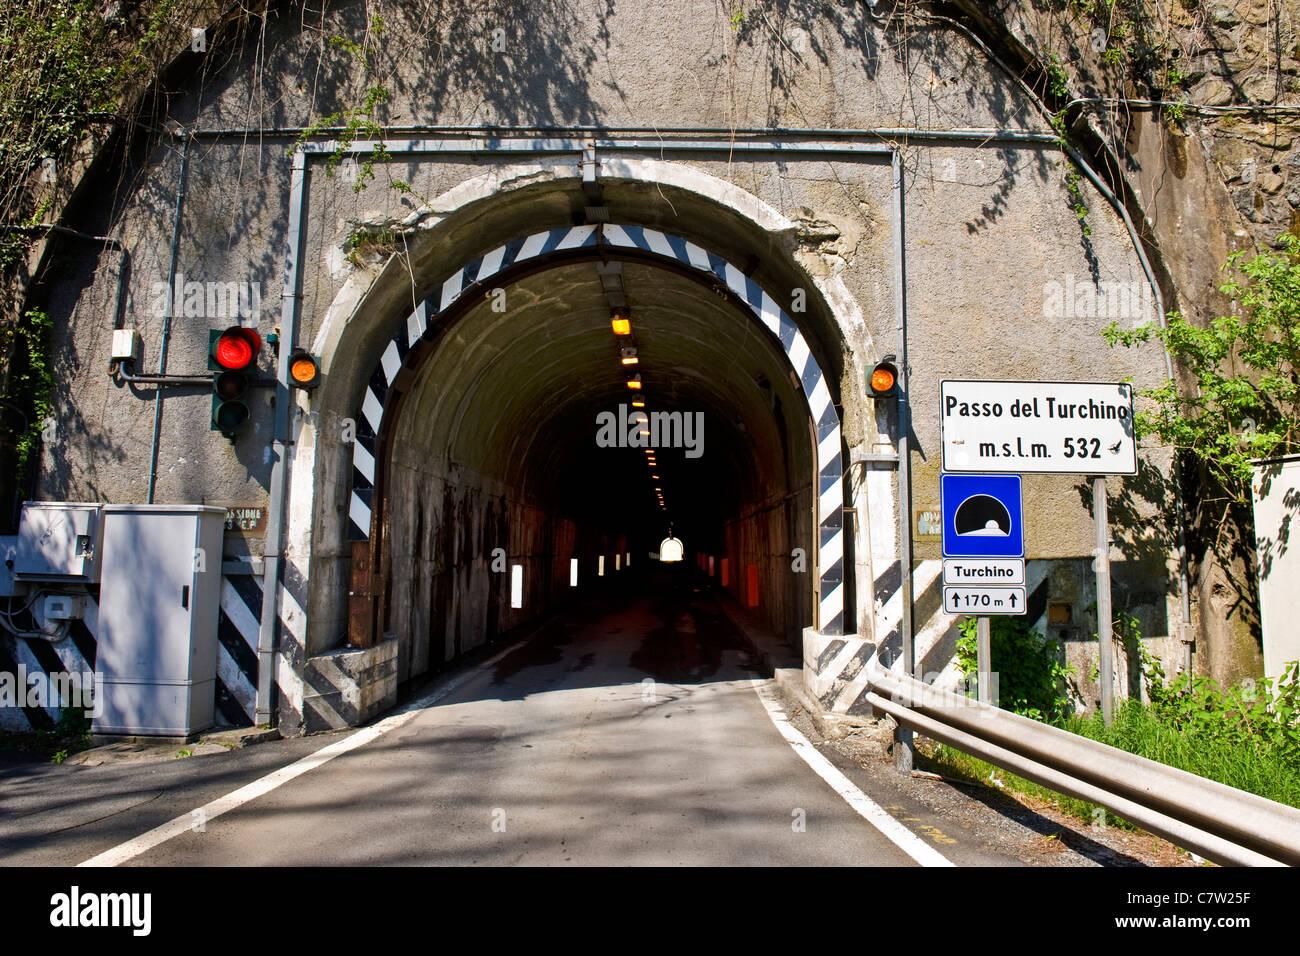 In Italia, la Liguria, Passo del Turchino tunnel Immagini Stock